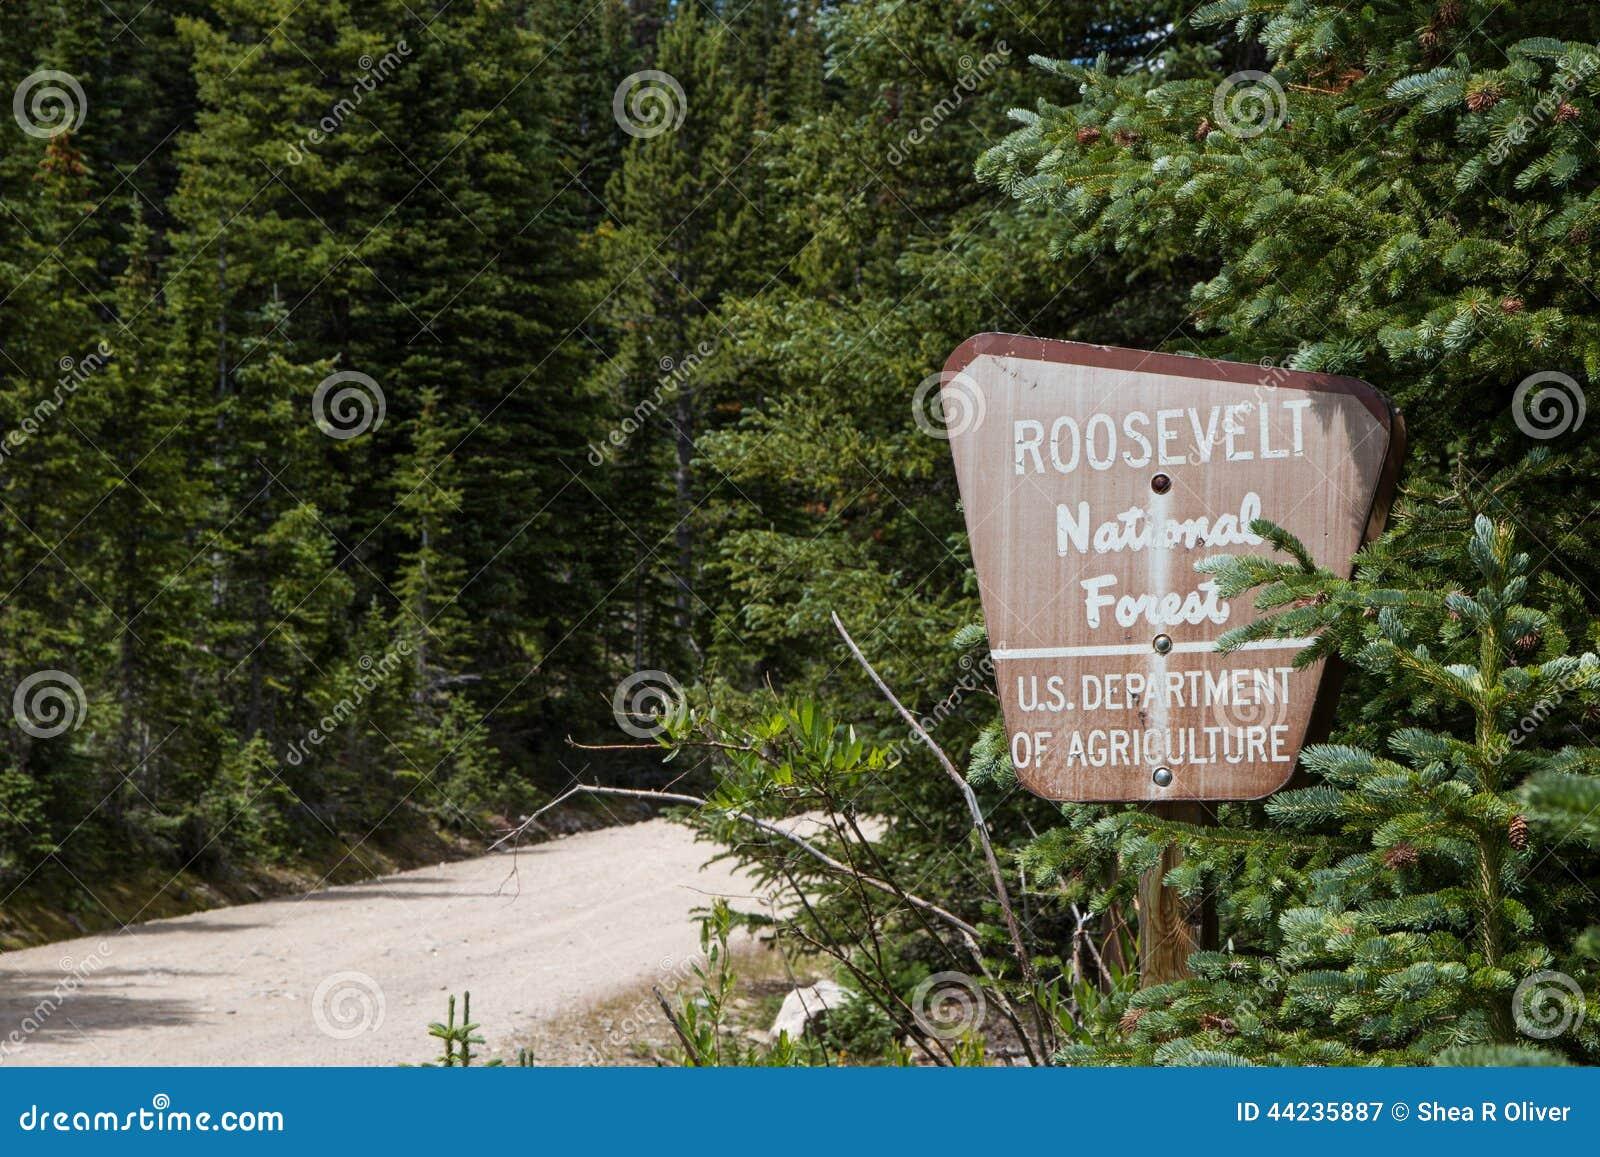 Gamla Roosevelt National Forest Sign